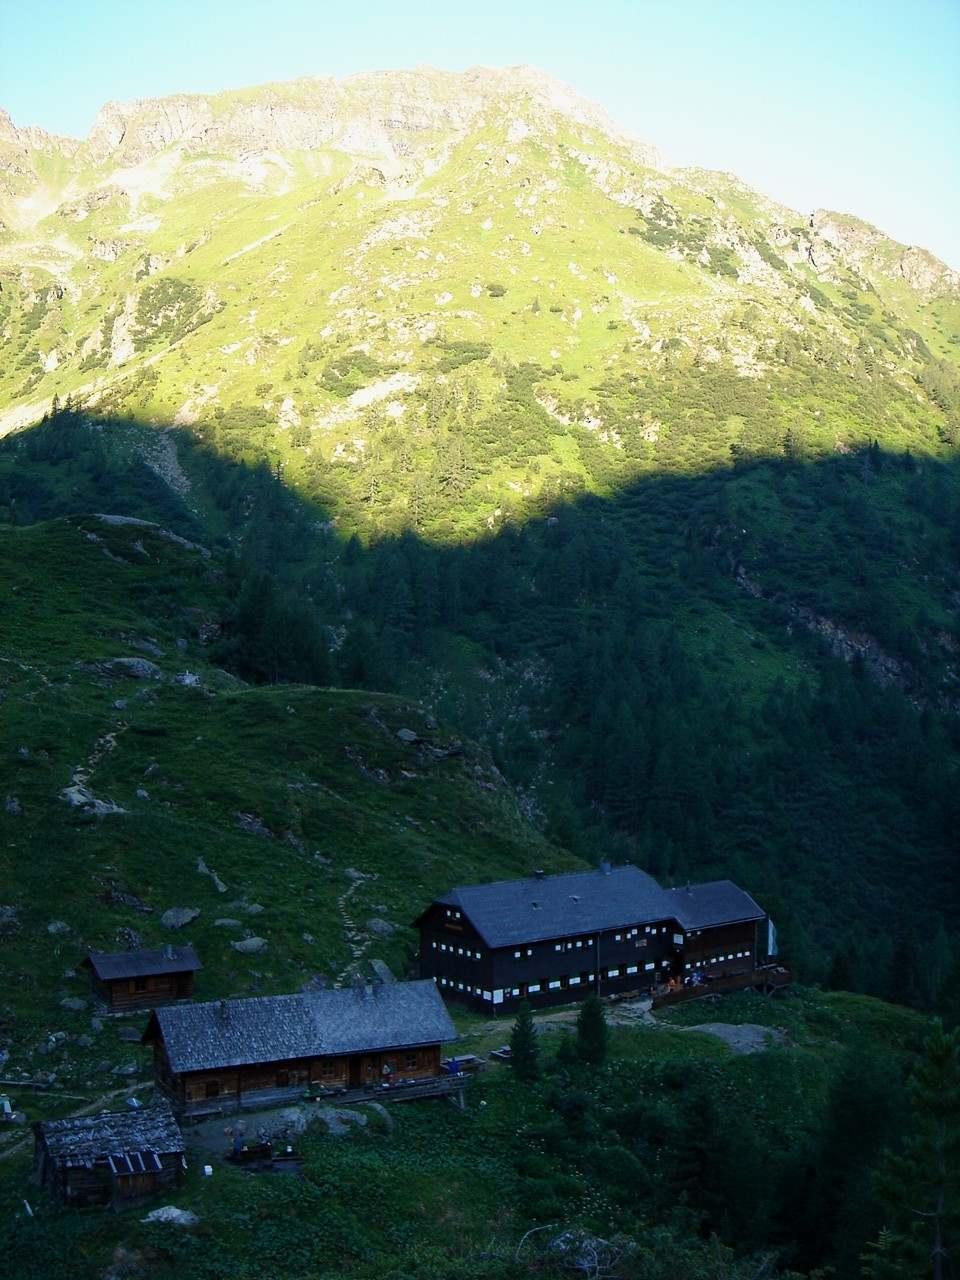 Foto: Manfred Karl / Wander Tour / Hochwildstelle-Überschreitung / Preintaler Hütte / 15.06.2007 22:42:56